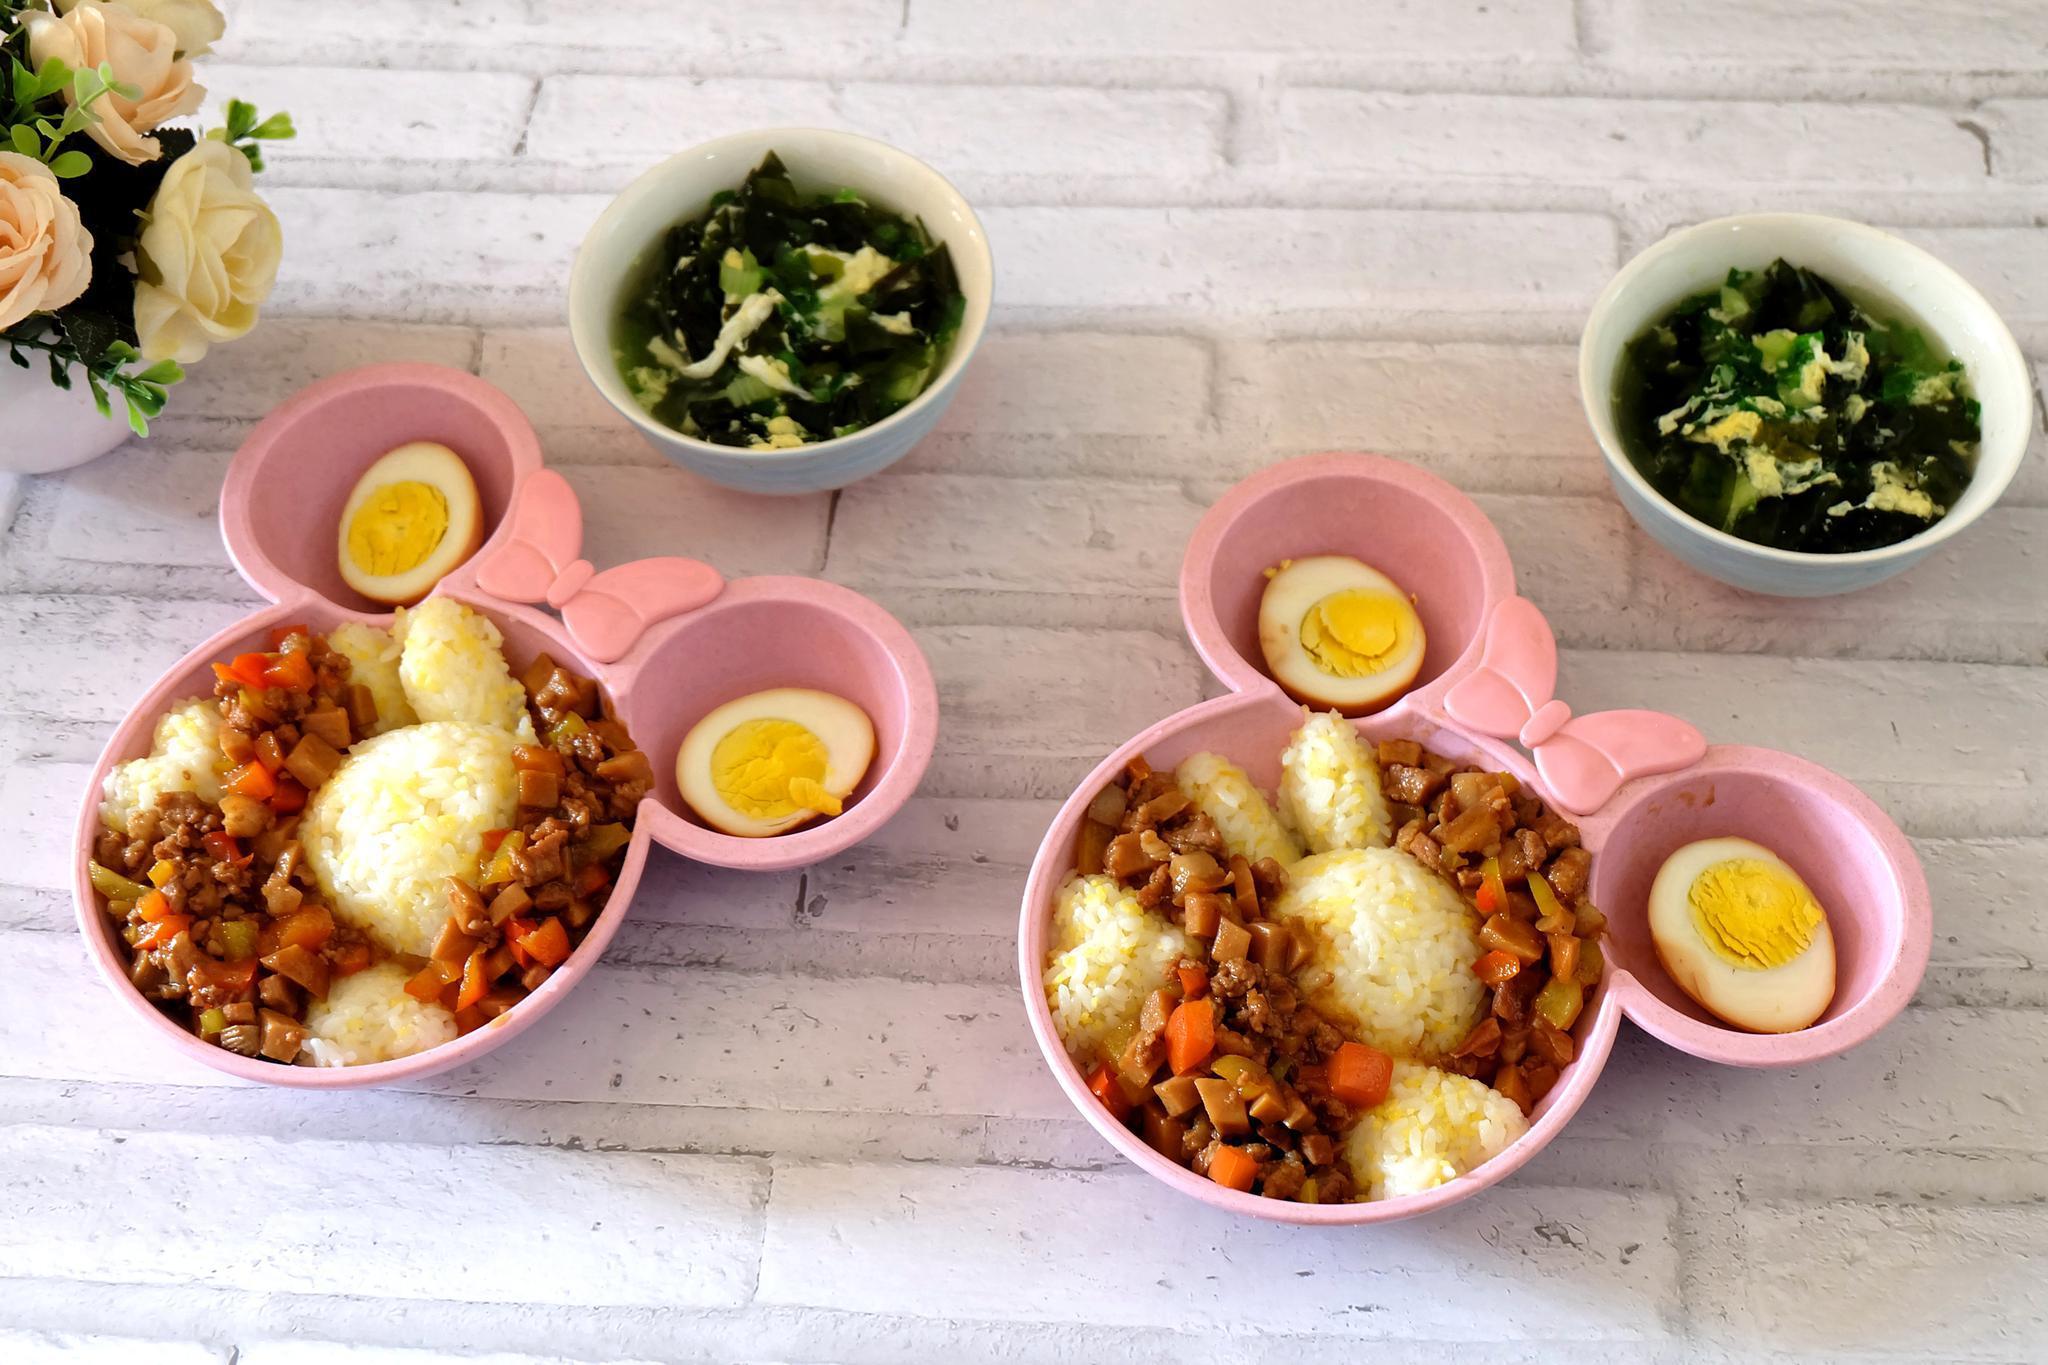 两个孩子的寒假午餐,零技能的卤肉饭,做法简单又好吃,省事了